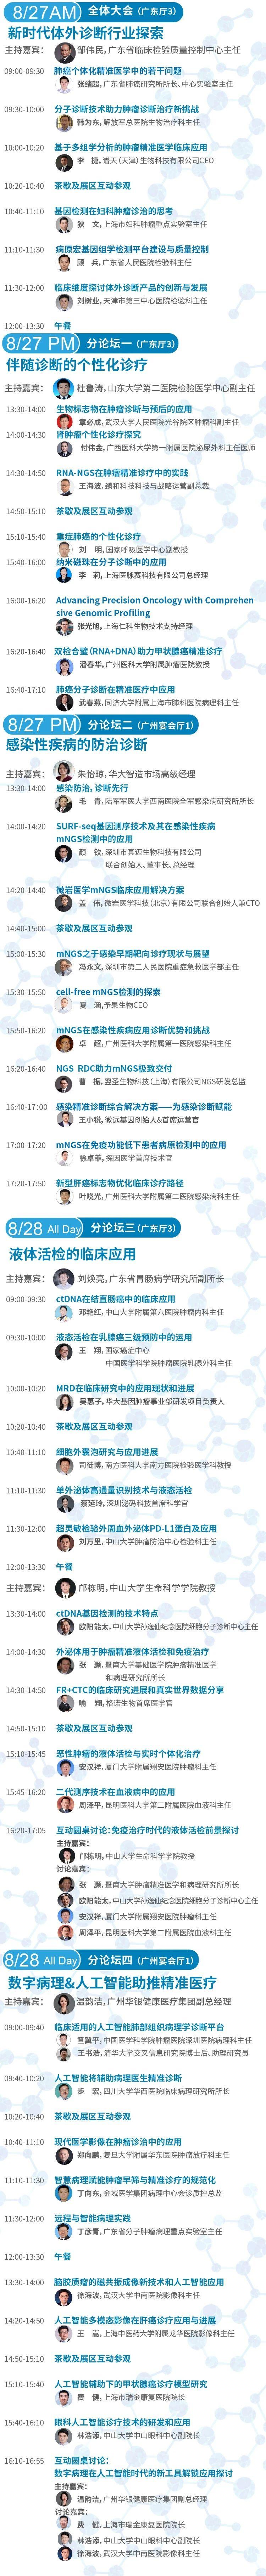 2021第六届基因检测和体外诊断大会